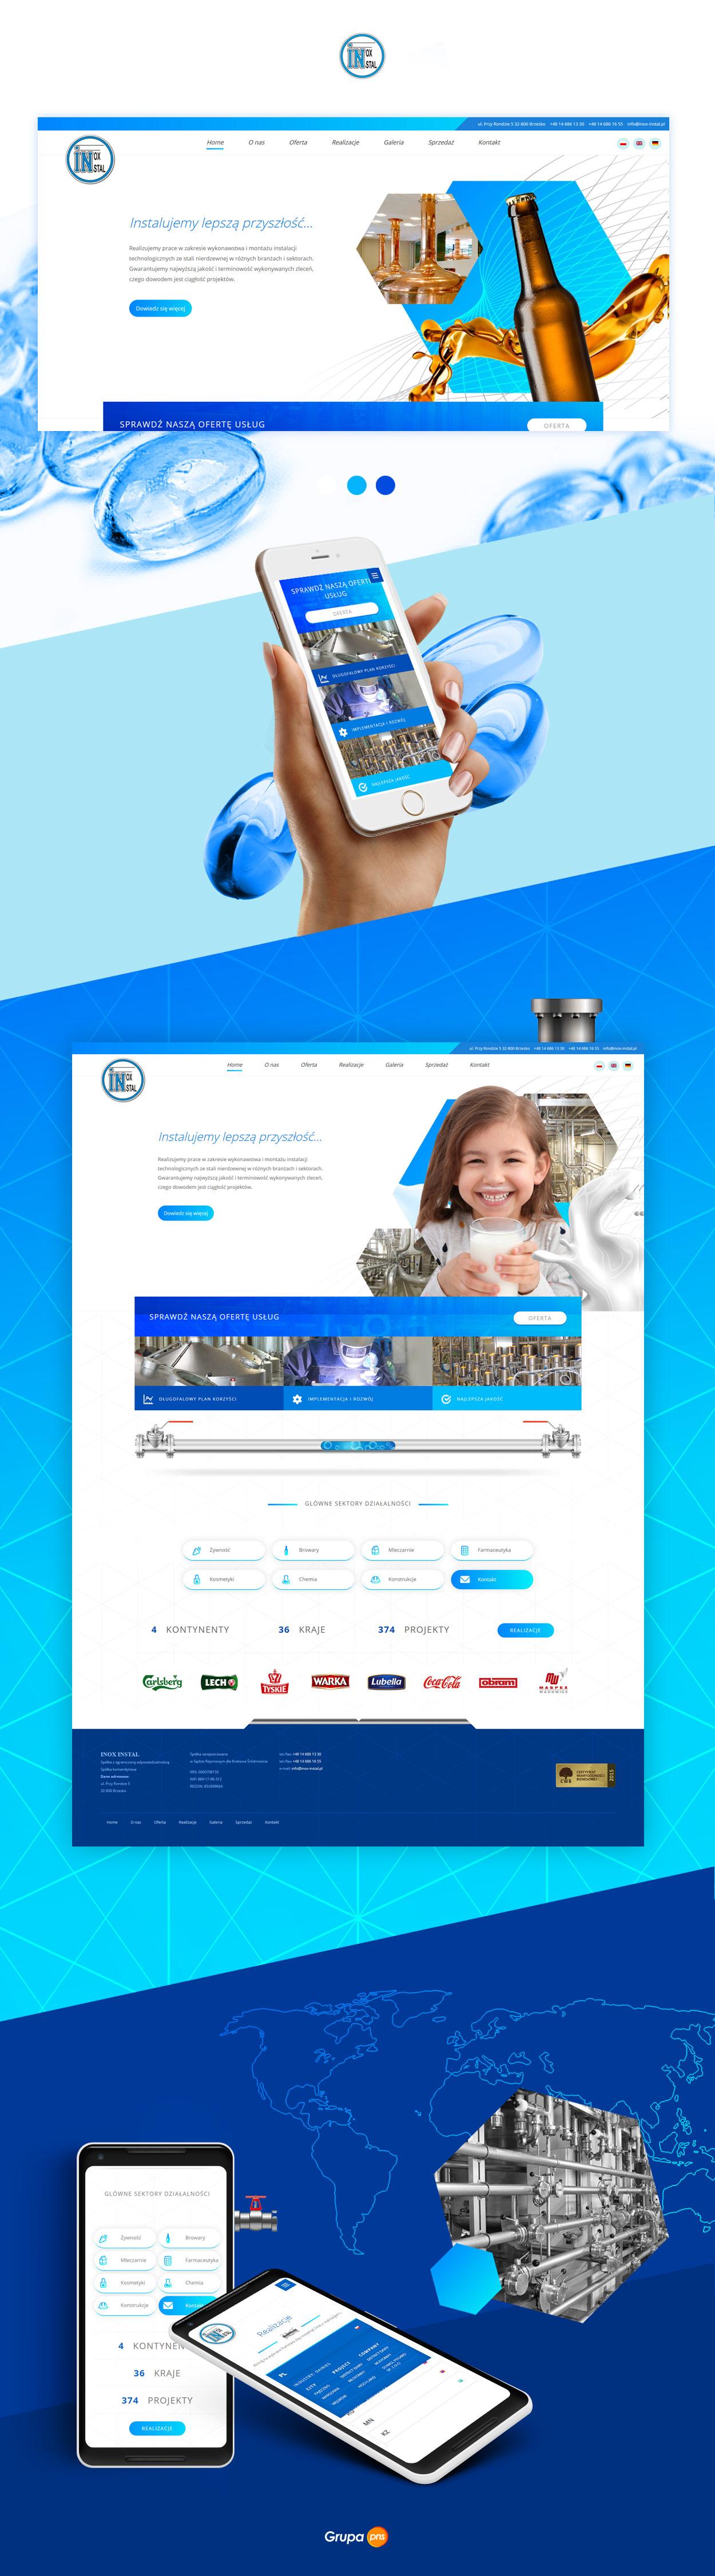 projektowanie-strona-www-przedsiebiorstwa-inox-instal